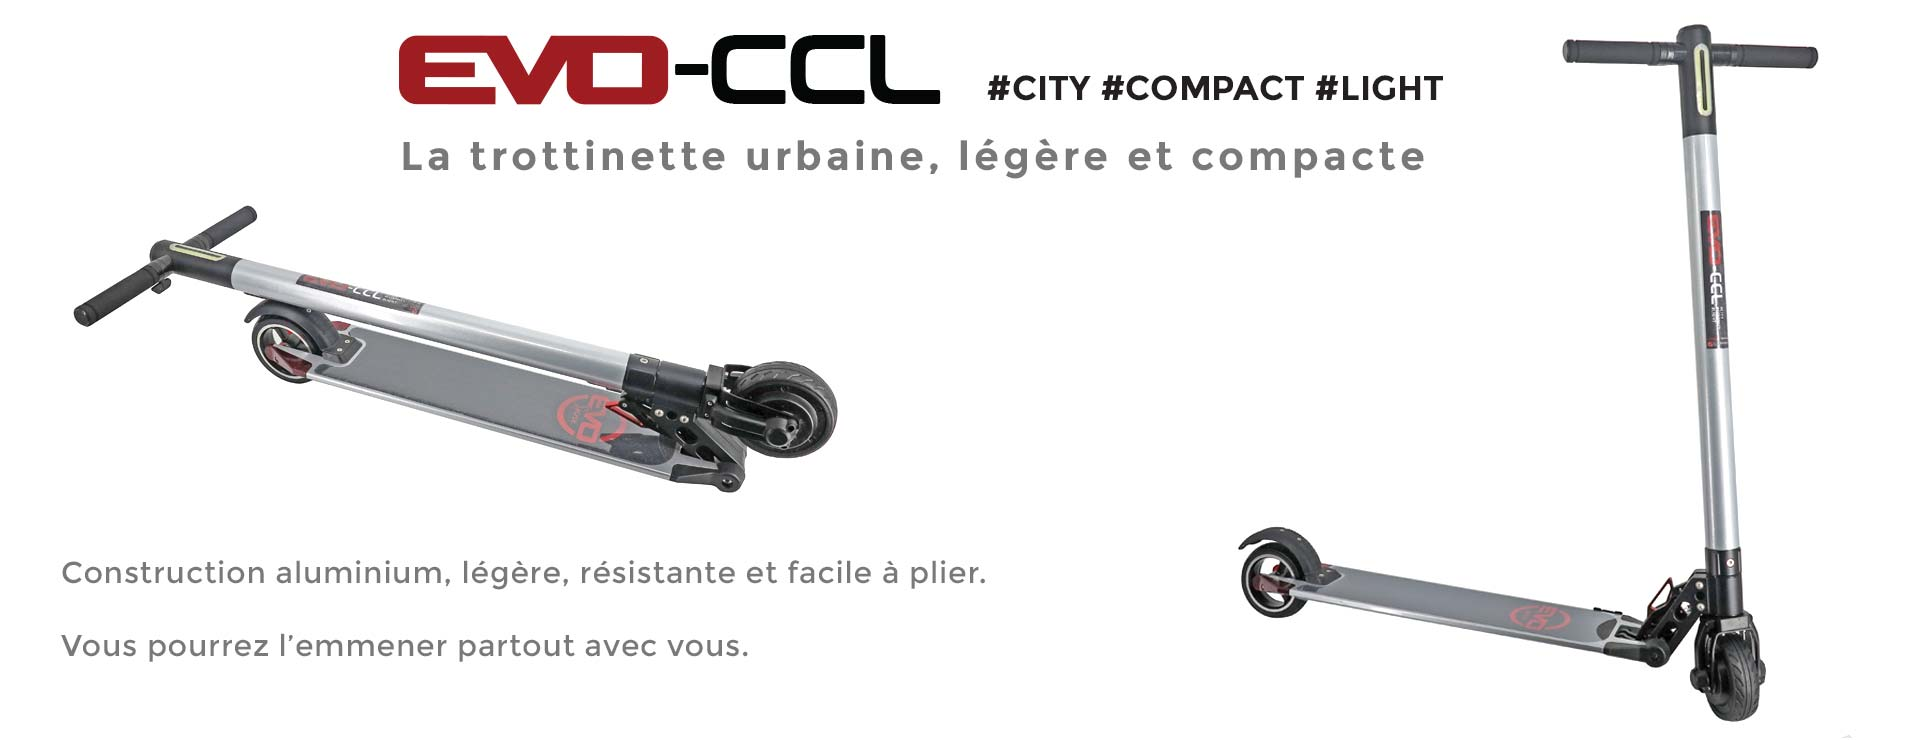 Evo-CCL-–-La-trottinette-urbaine,-légère-et-compacte